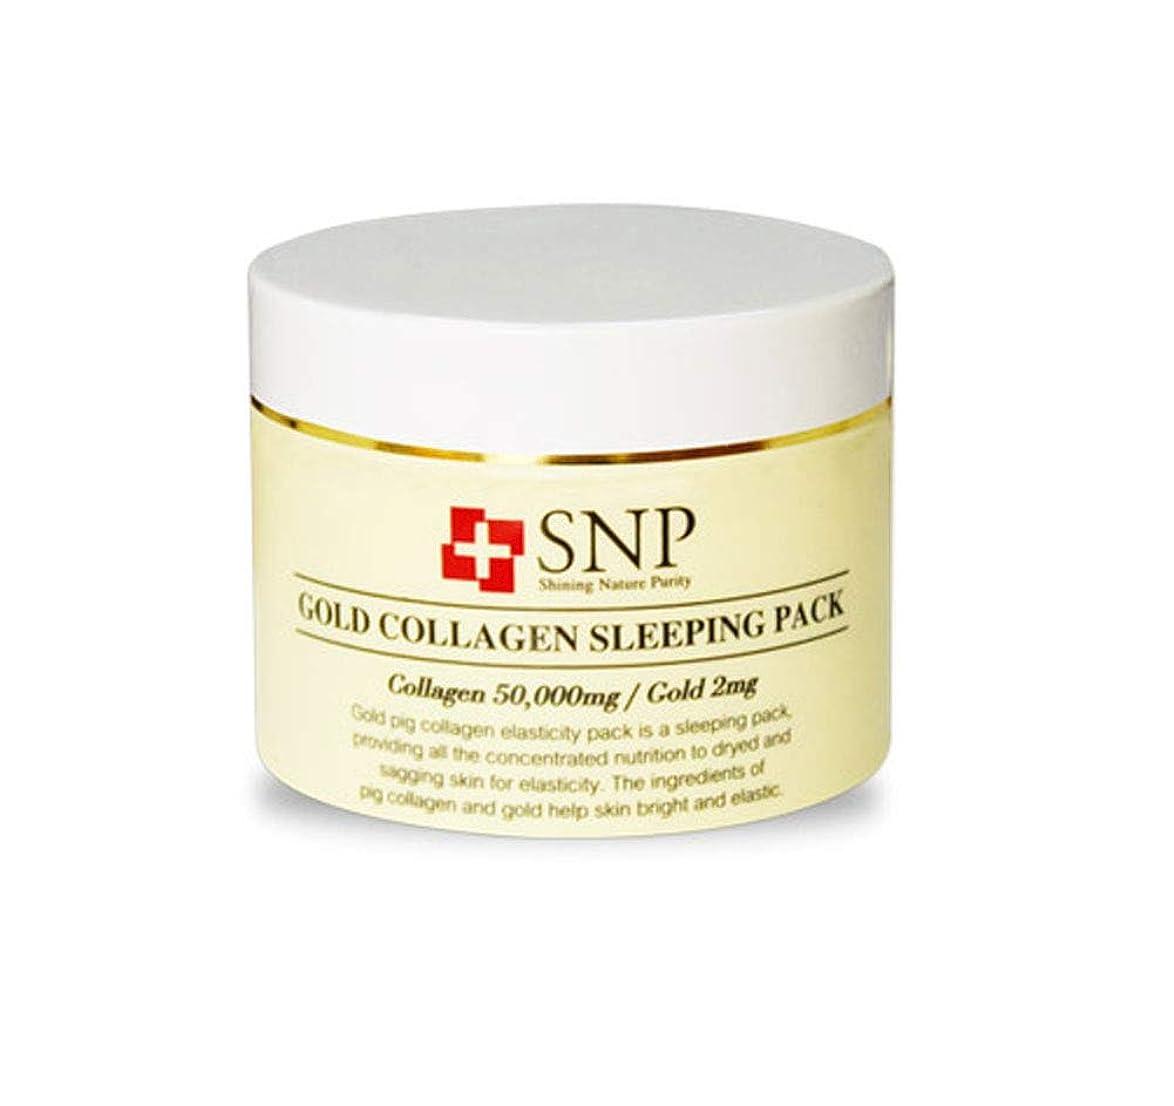 制裁ガウン誓いエスエンピSNP 韓国コスメ ゴールドコラーゲンスリーピングパック睡眠パック100g 海外直送品 SNP Gold Collagen Sleeping Pack Night Cream [並行輸入品]